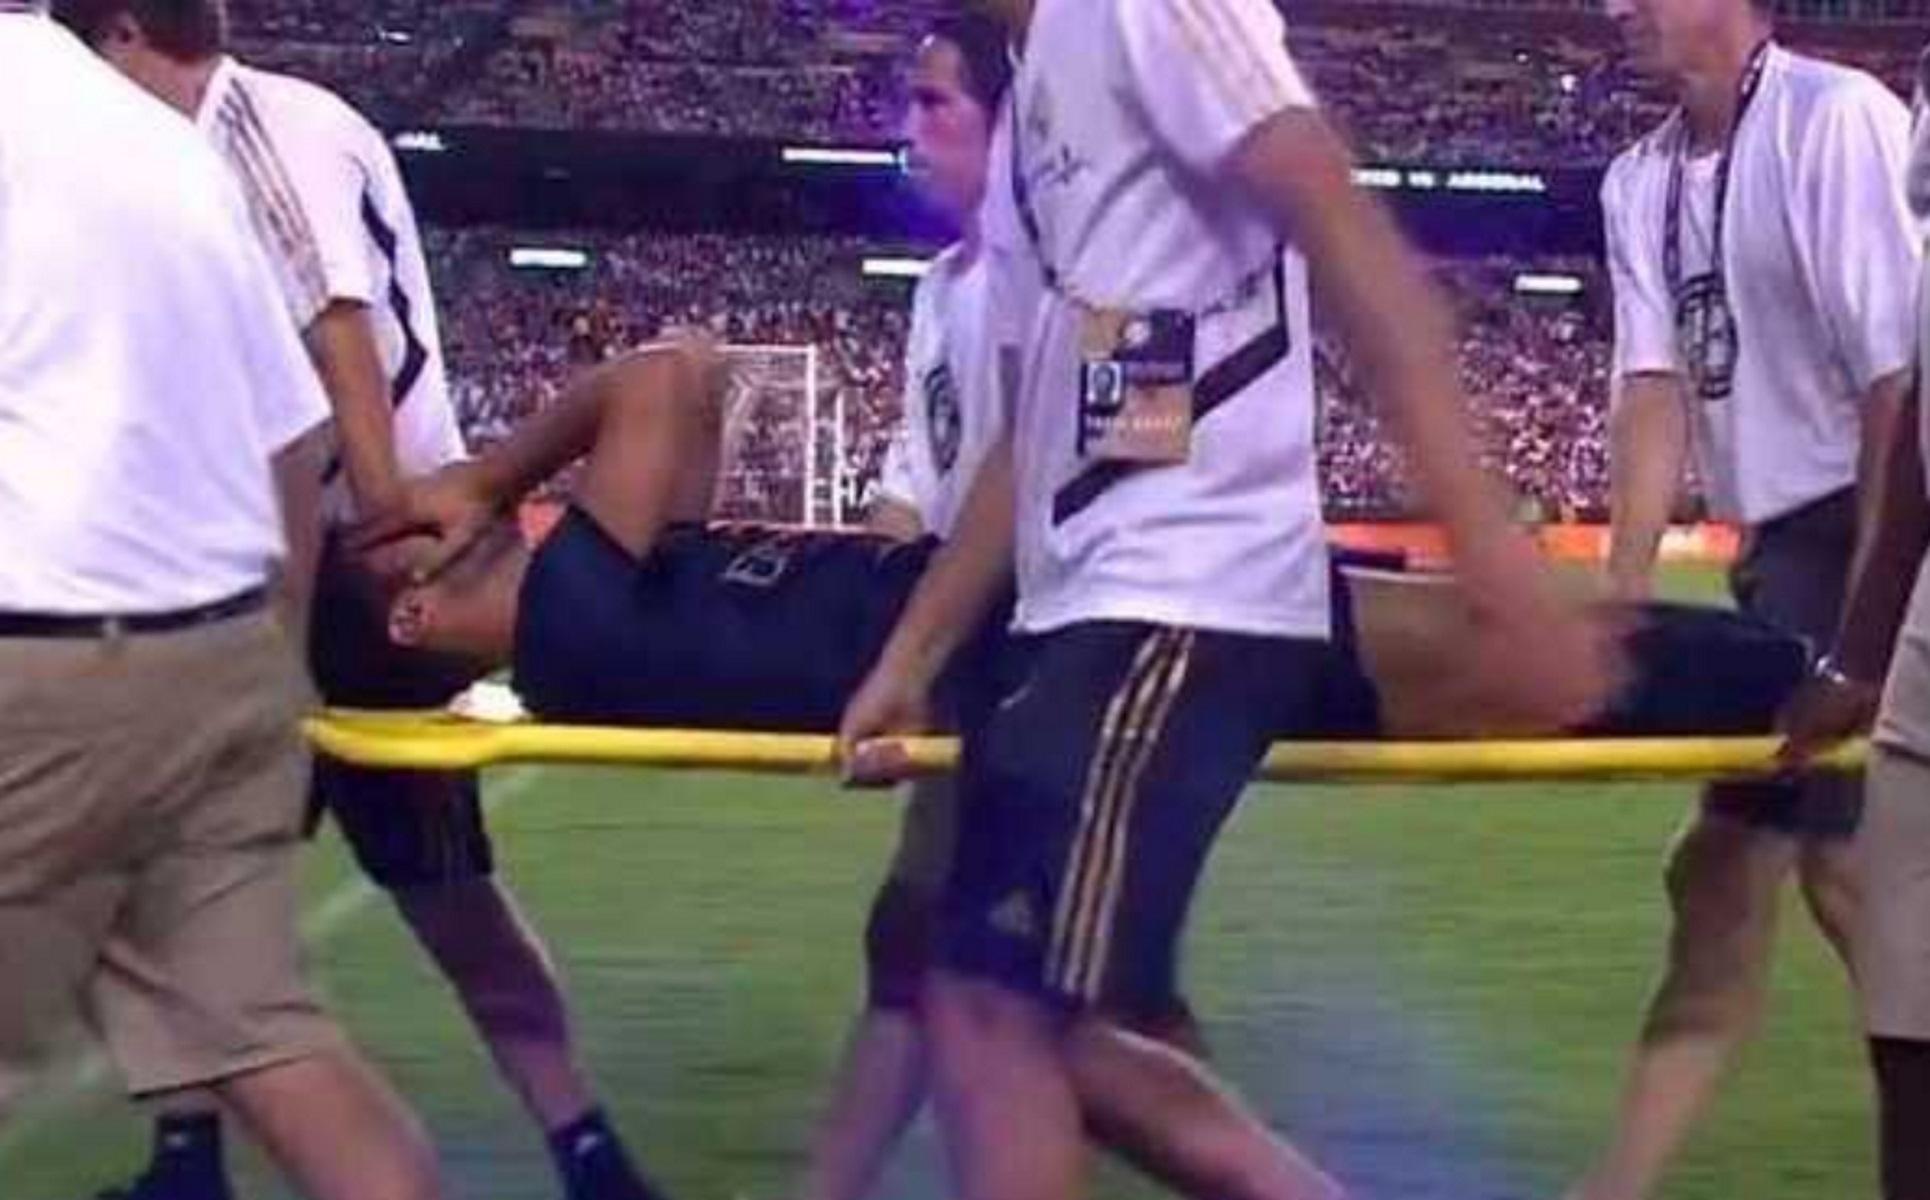 Ρεάλ – Άρσεναλ: Σοβαρός τραυματισμός για Ασένσιο! Φόβοι για ρήξη χιαστού – video